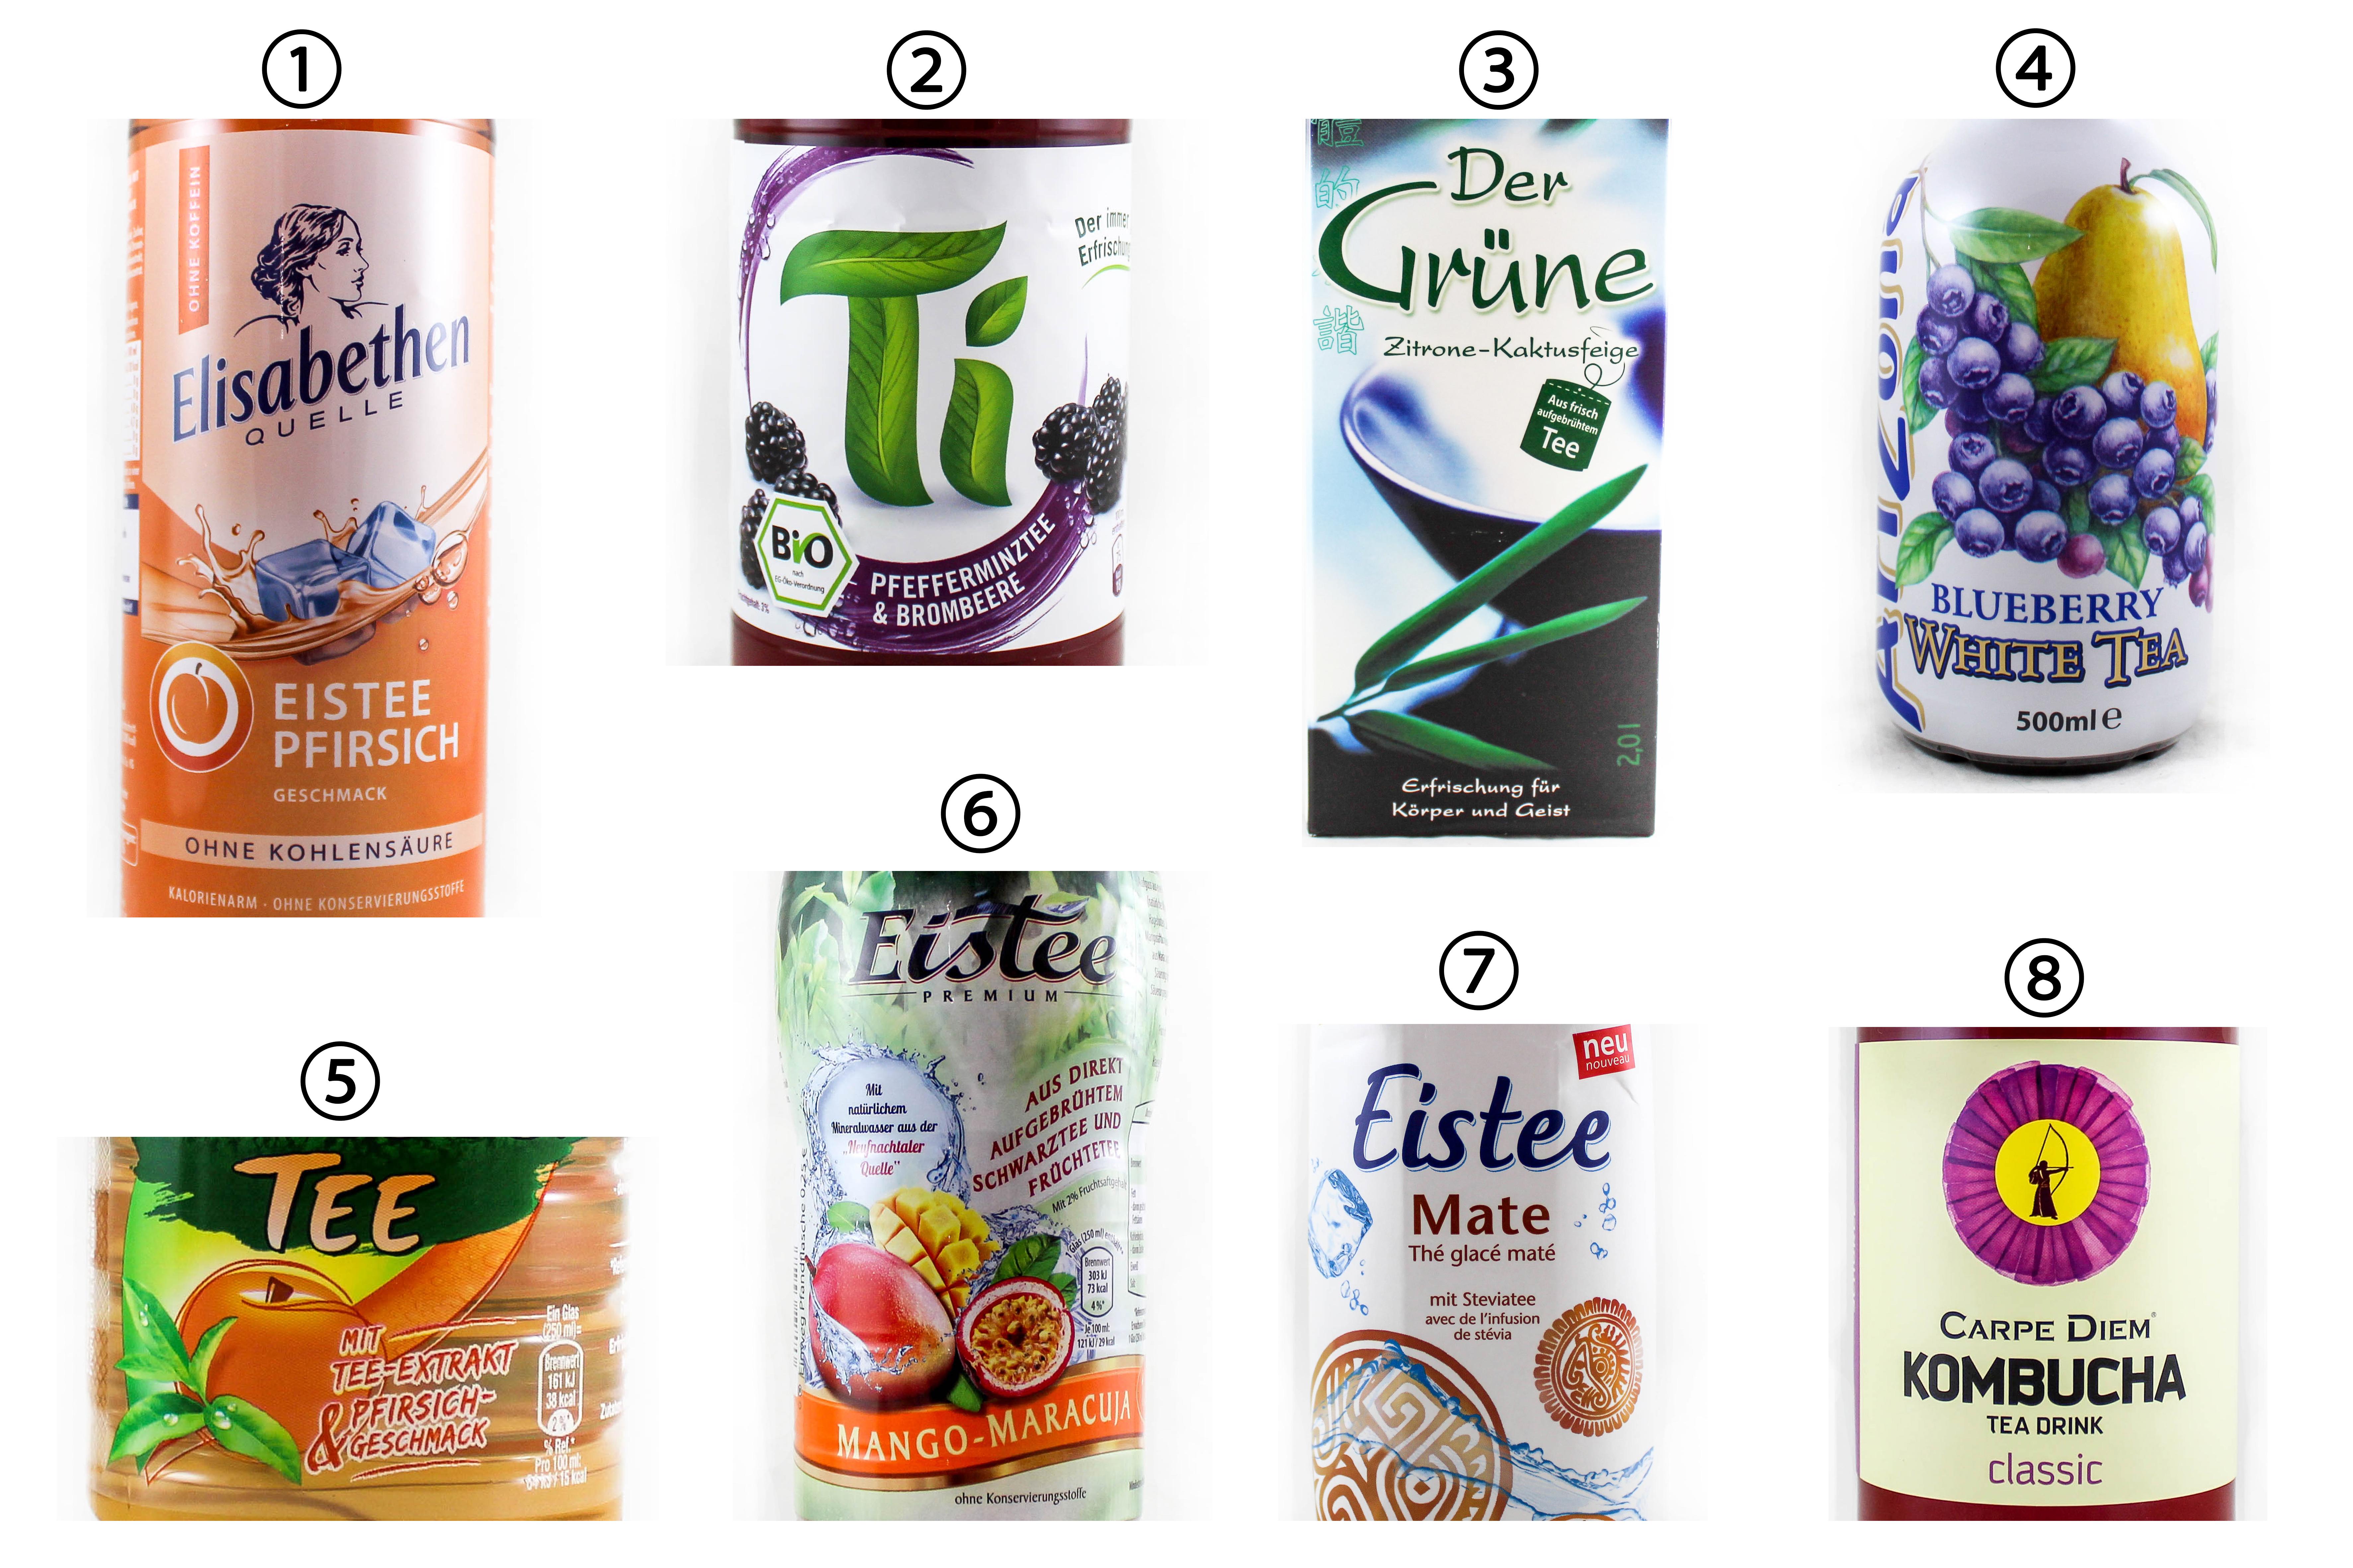 Umfrage: Eistee und andere Tee-Getränke: In welchen erwarten Sie ...